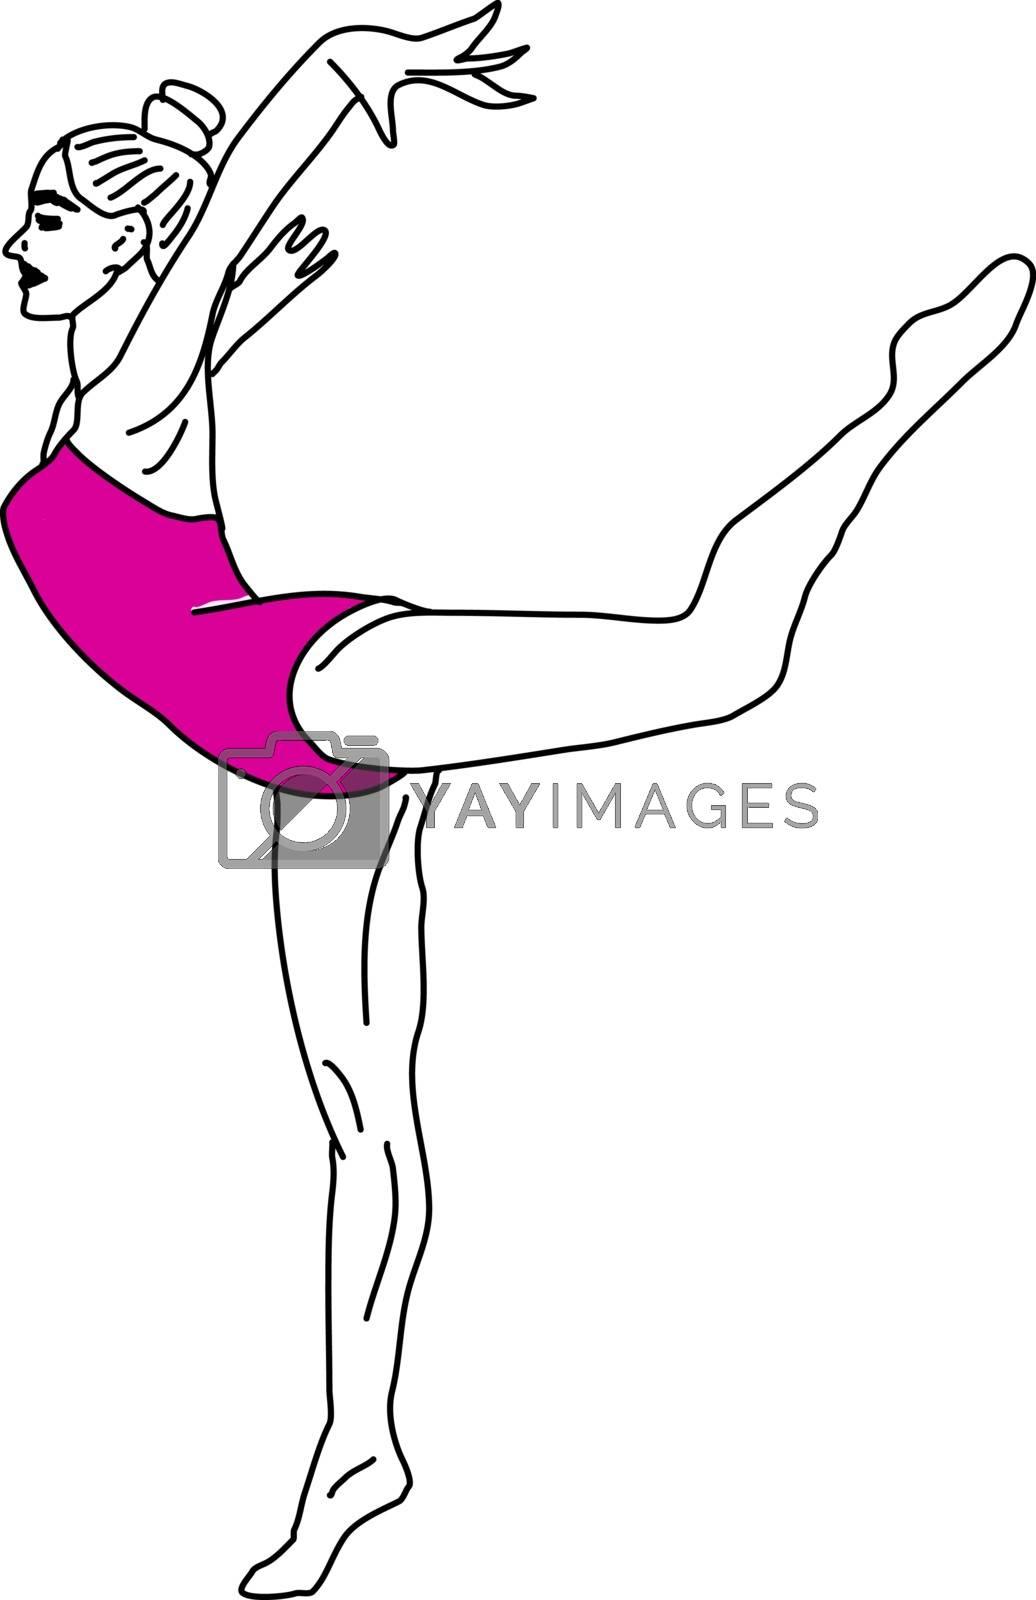 Yoga girl, illustration, vector on white background.